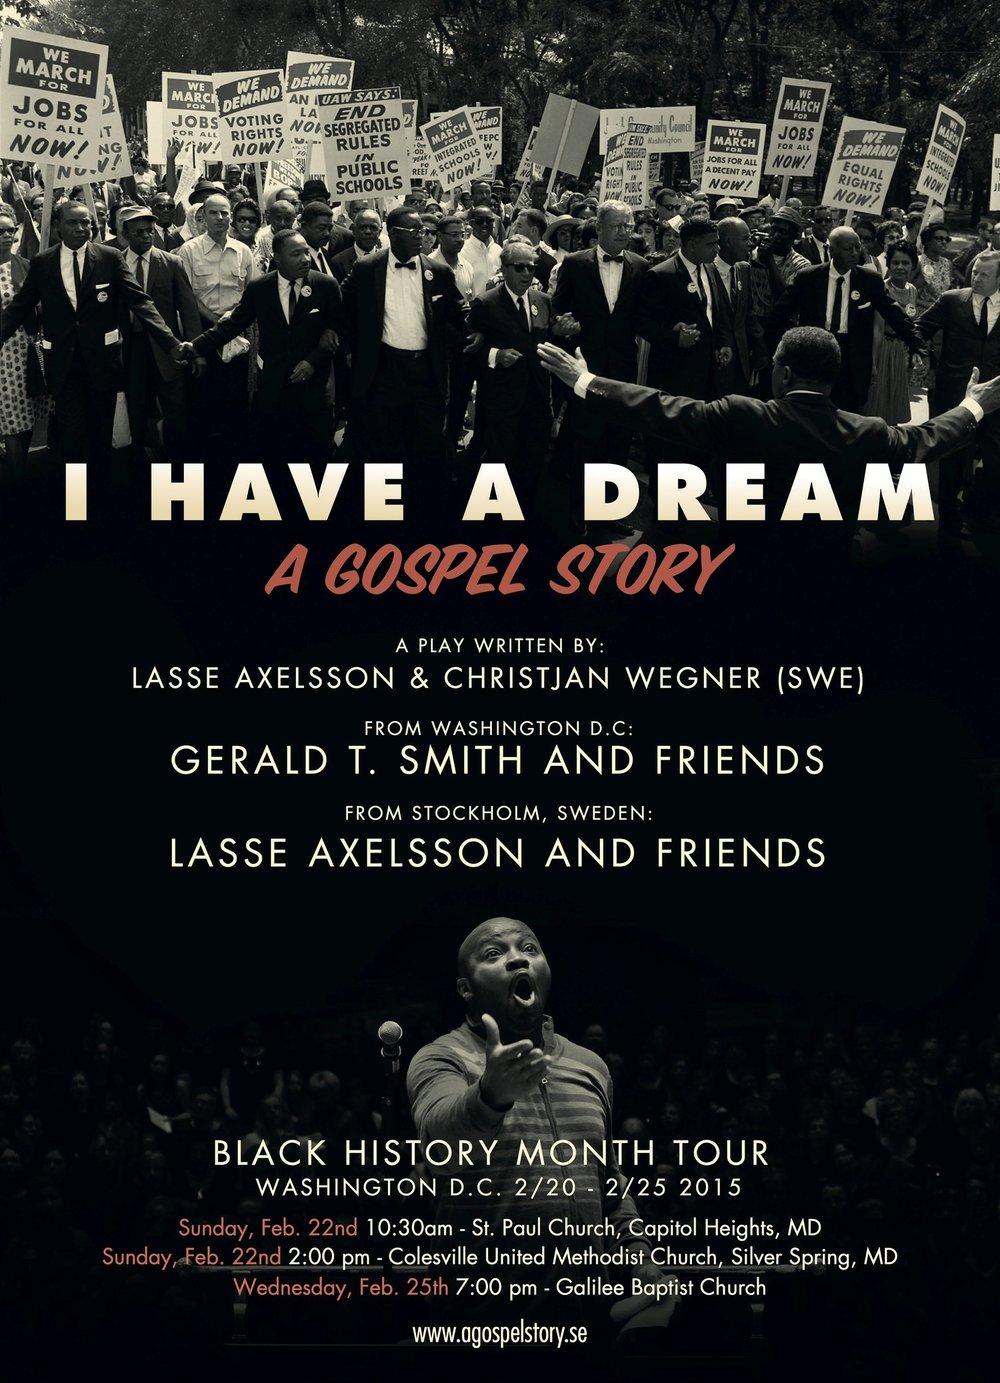 I Have A Dream   A Gospel Story  Uppdrag: Bokning, Ljud, Ljus, Lokal, PR, Turnéplanering År: 2014